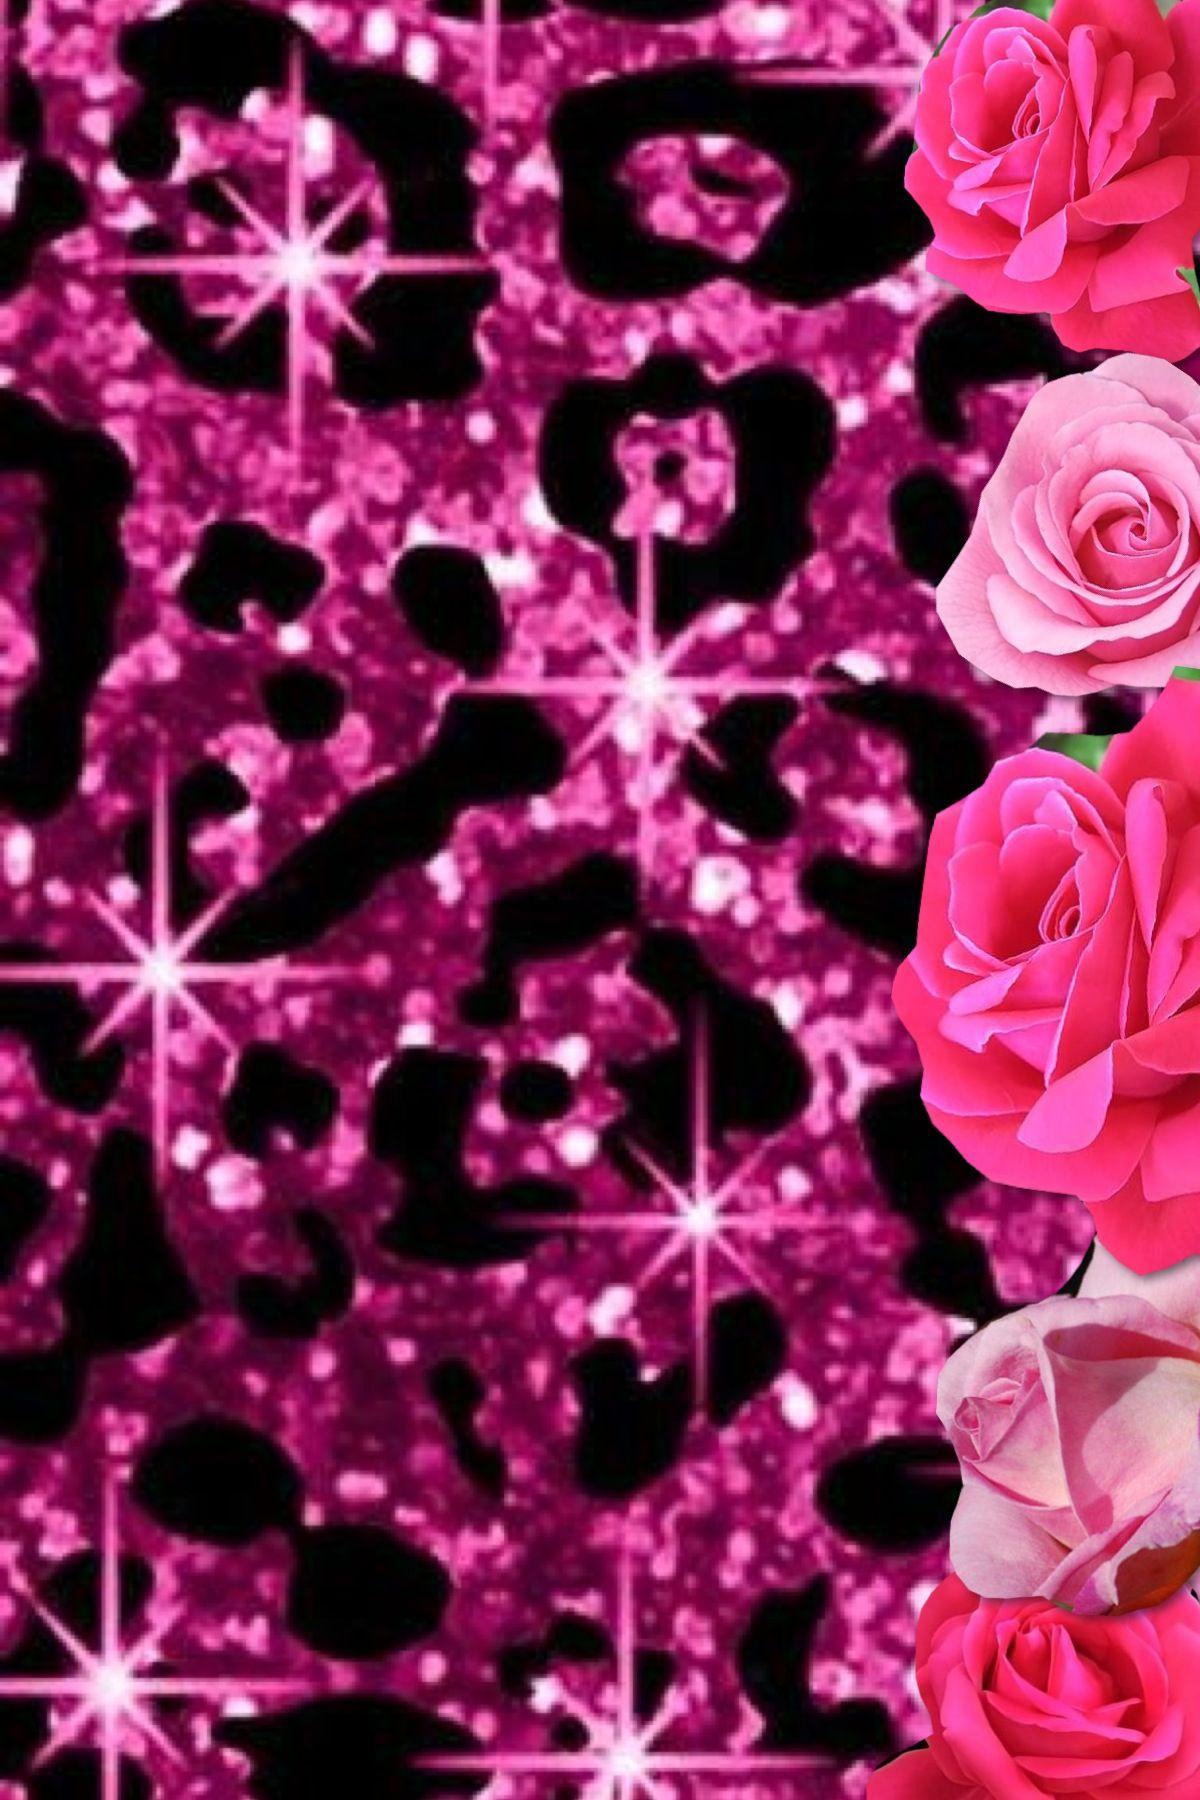 My Pink cheetah rose wallpaper... Walk in closet wallpaper